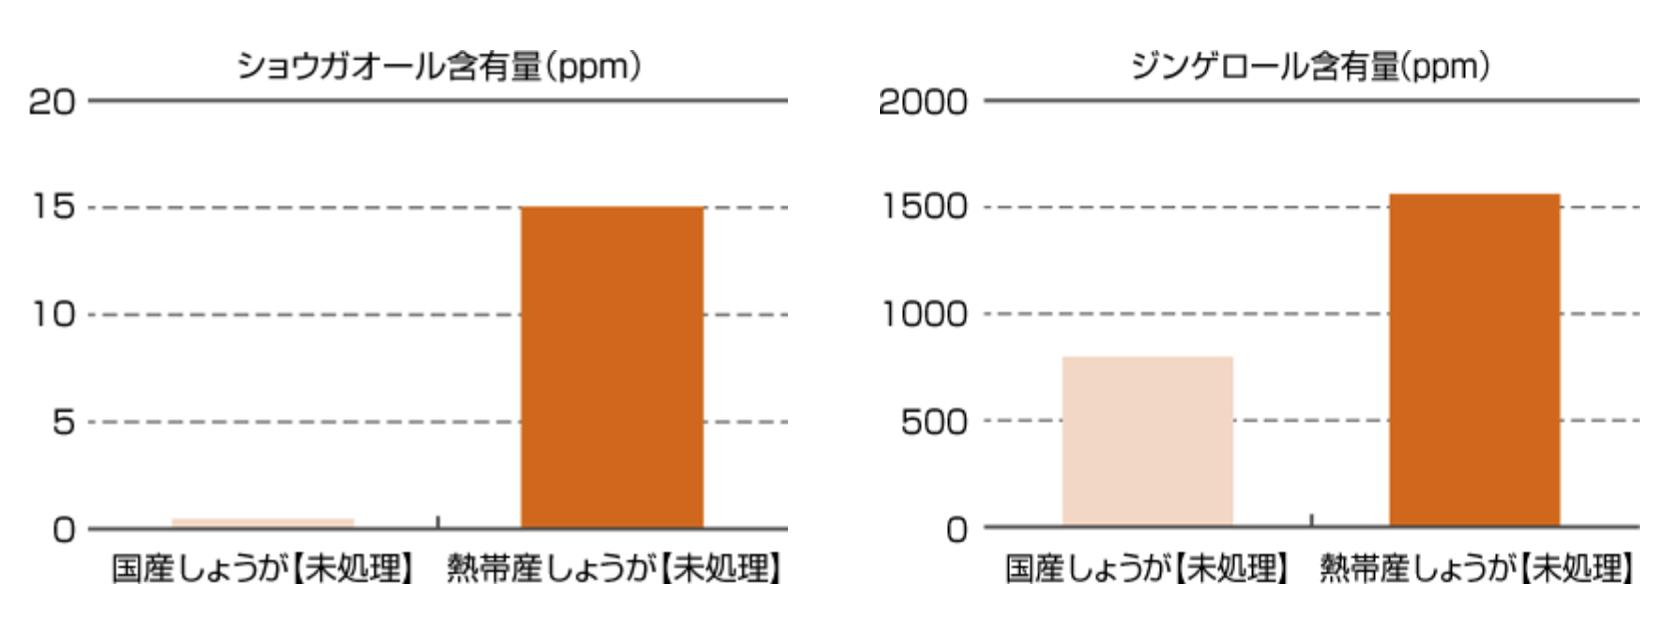 熱帯産ショウガのショウガオール含有量